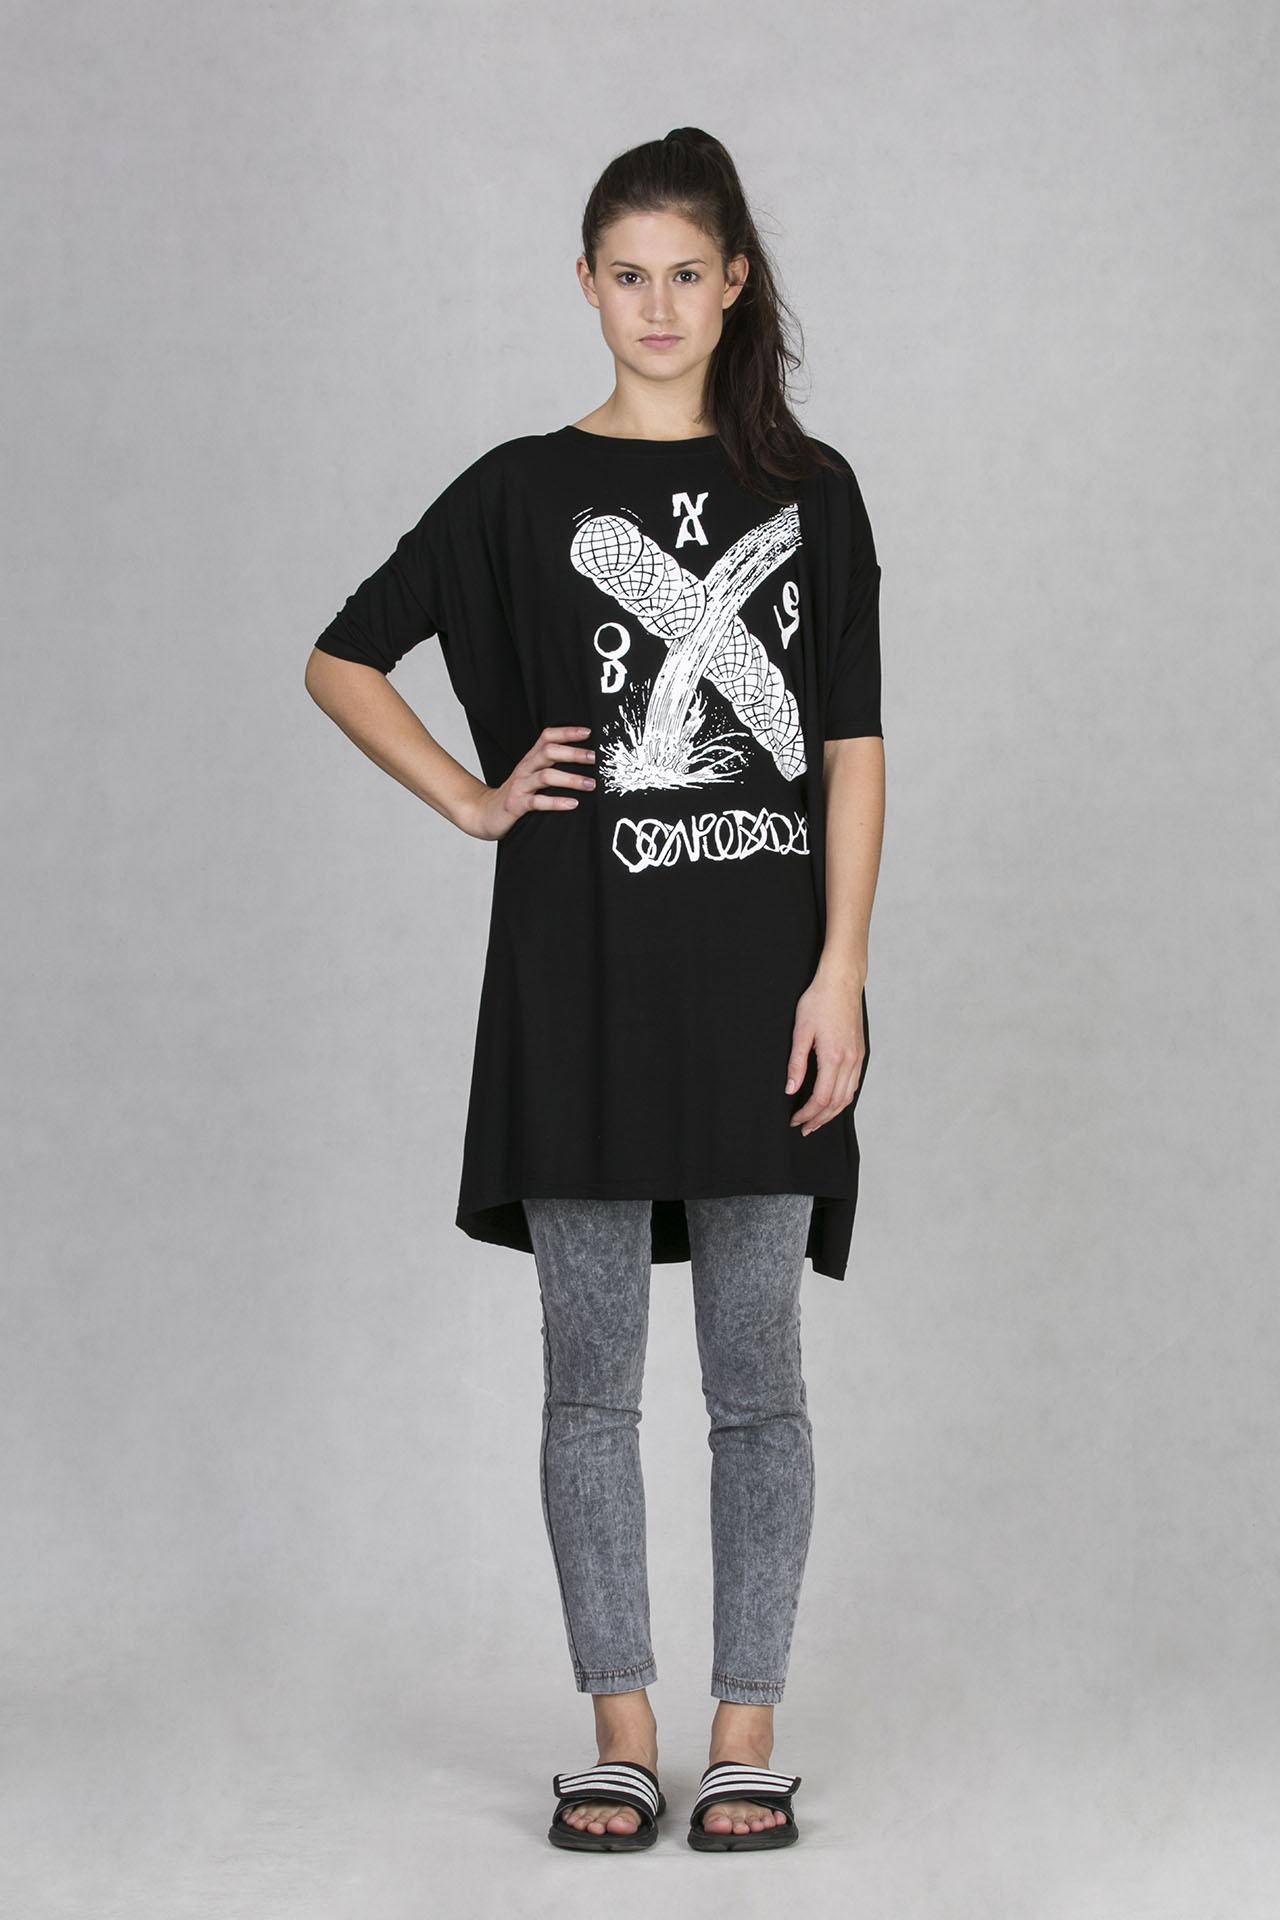 Oneday dámské tričko v prodloužené délce černé s bílým s potiskem z  limitované kolekce s českým umělcem Alexeyem Klyuykovem a4a9611c5b